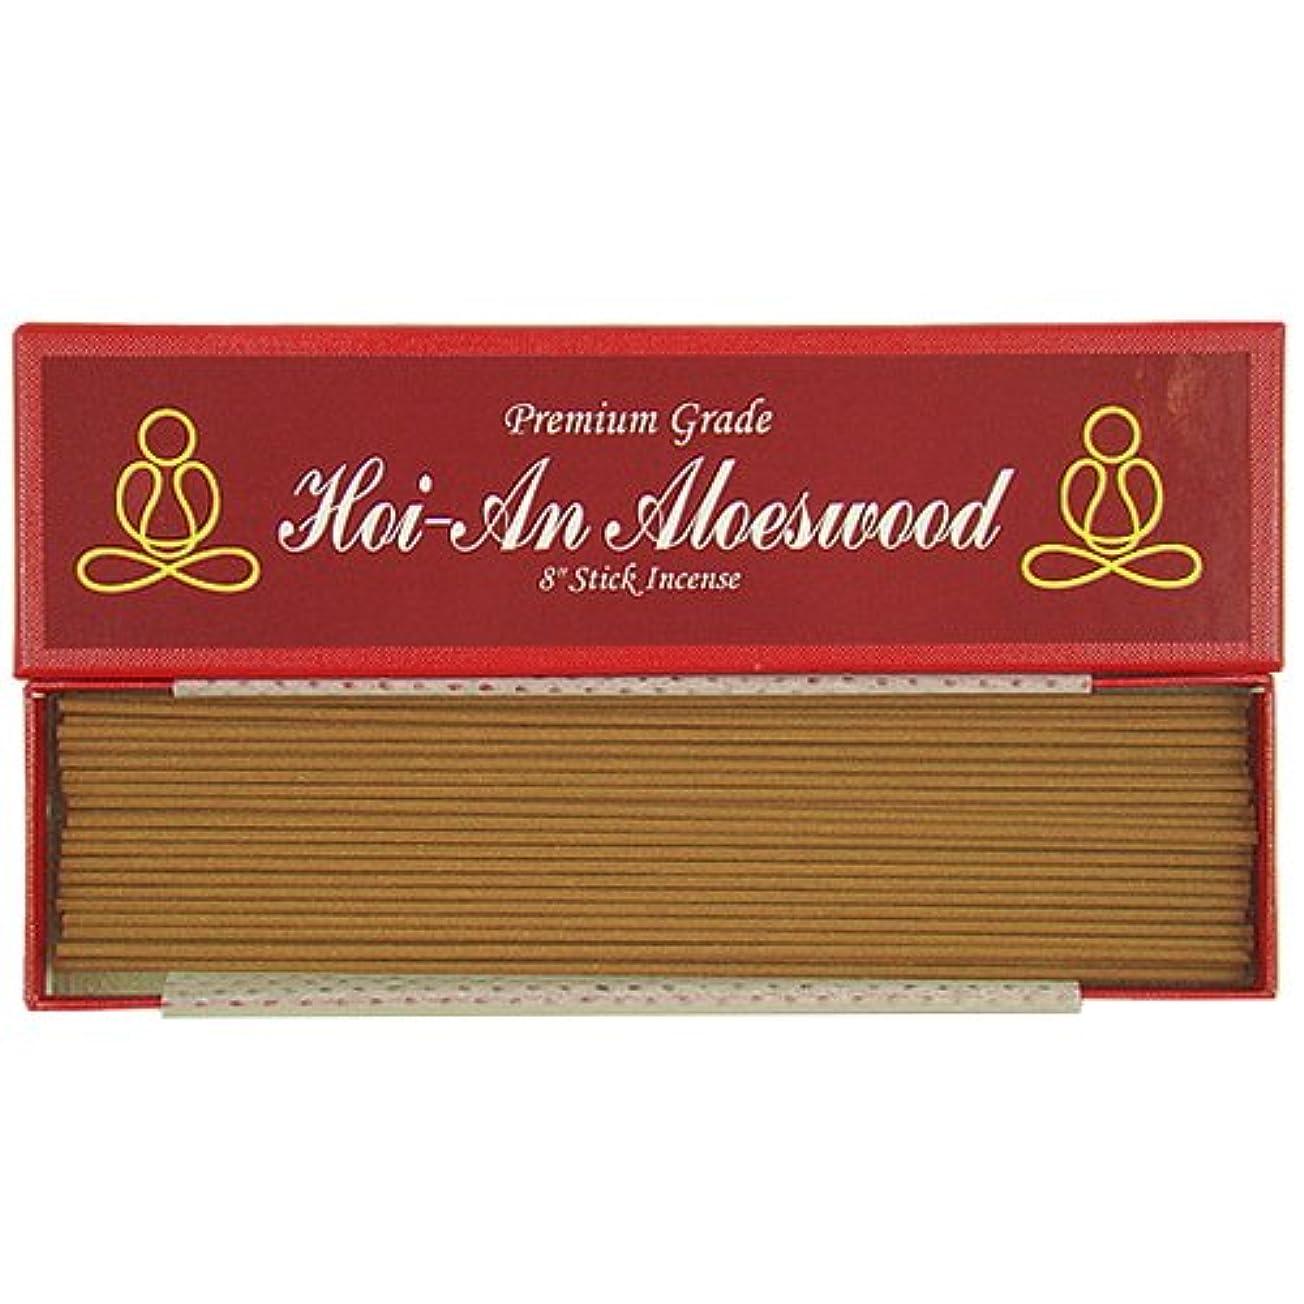 間隔会議卒業プレミアムVietnamese hoi-an Aloeswood – 8 Inches Stick Incense – 100 % Natural – g054s